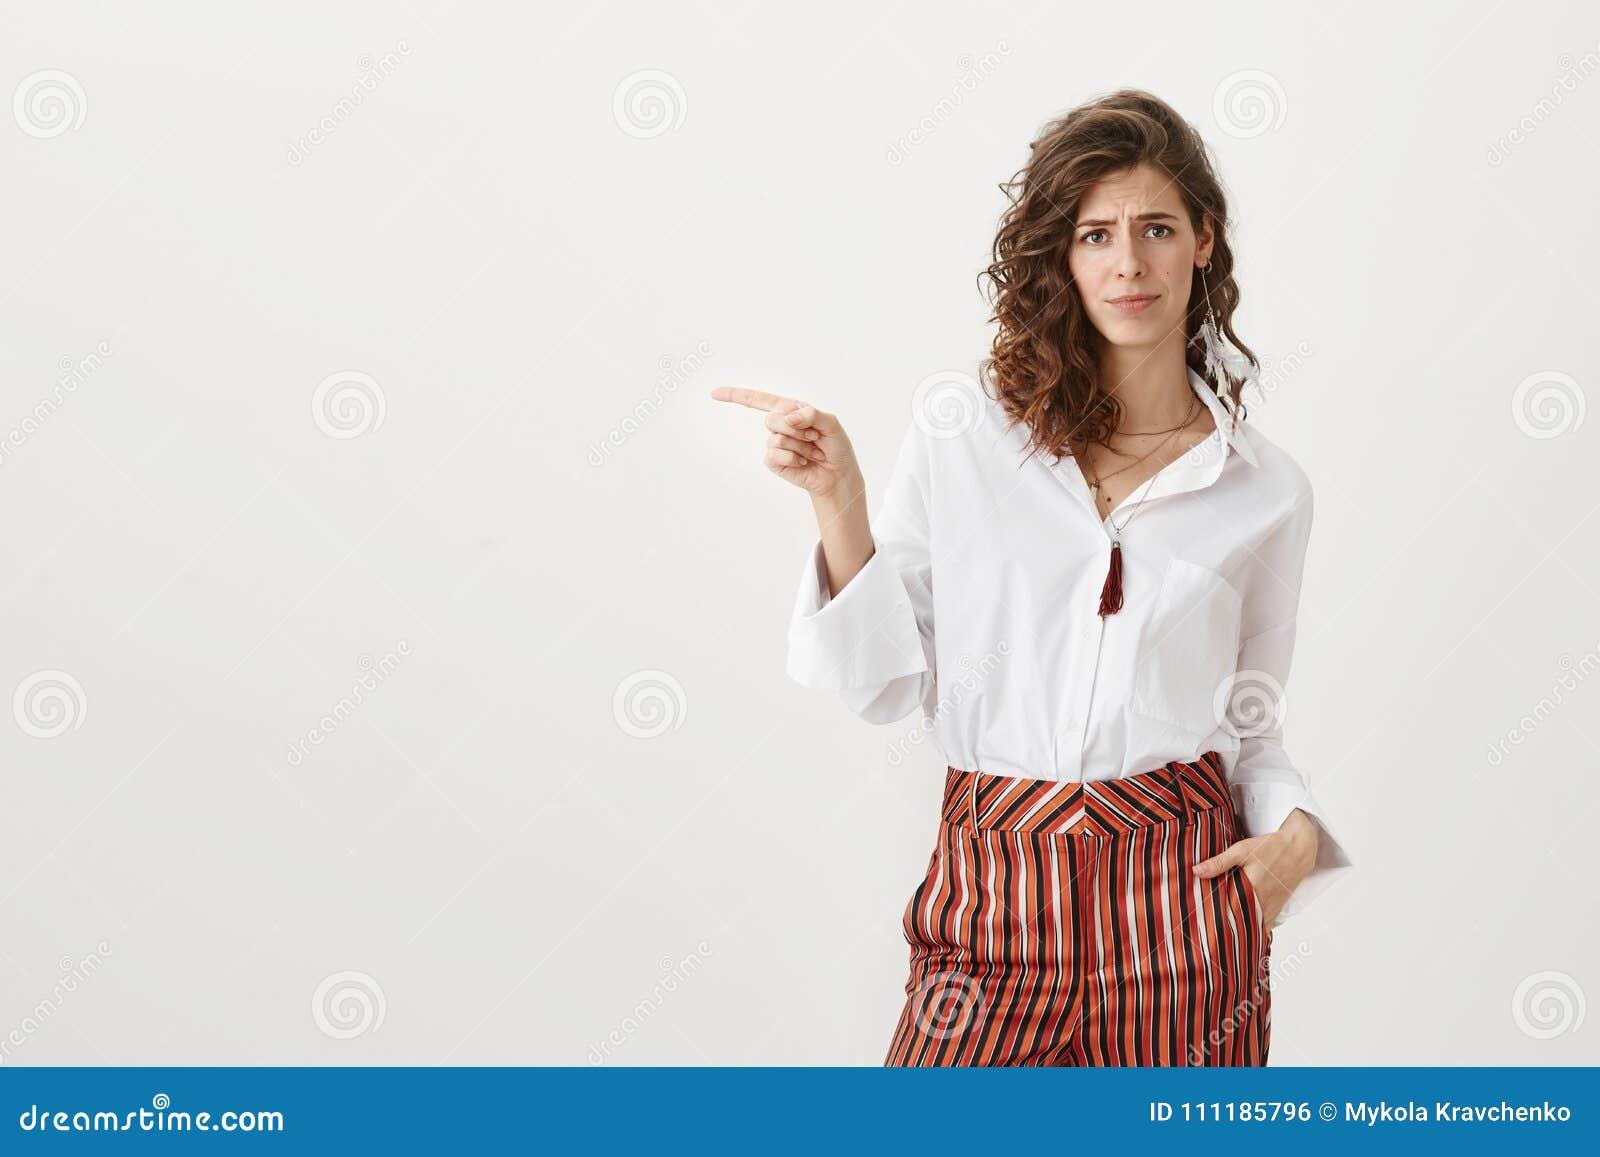 Стыд вы не используете эту возможность Портрет студии привлекательной кавказской женщины в ультрамодных striped брюках